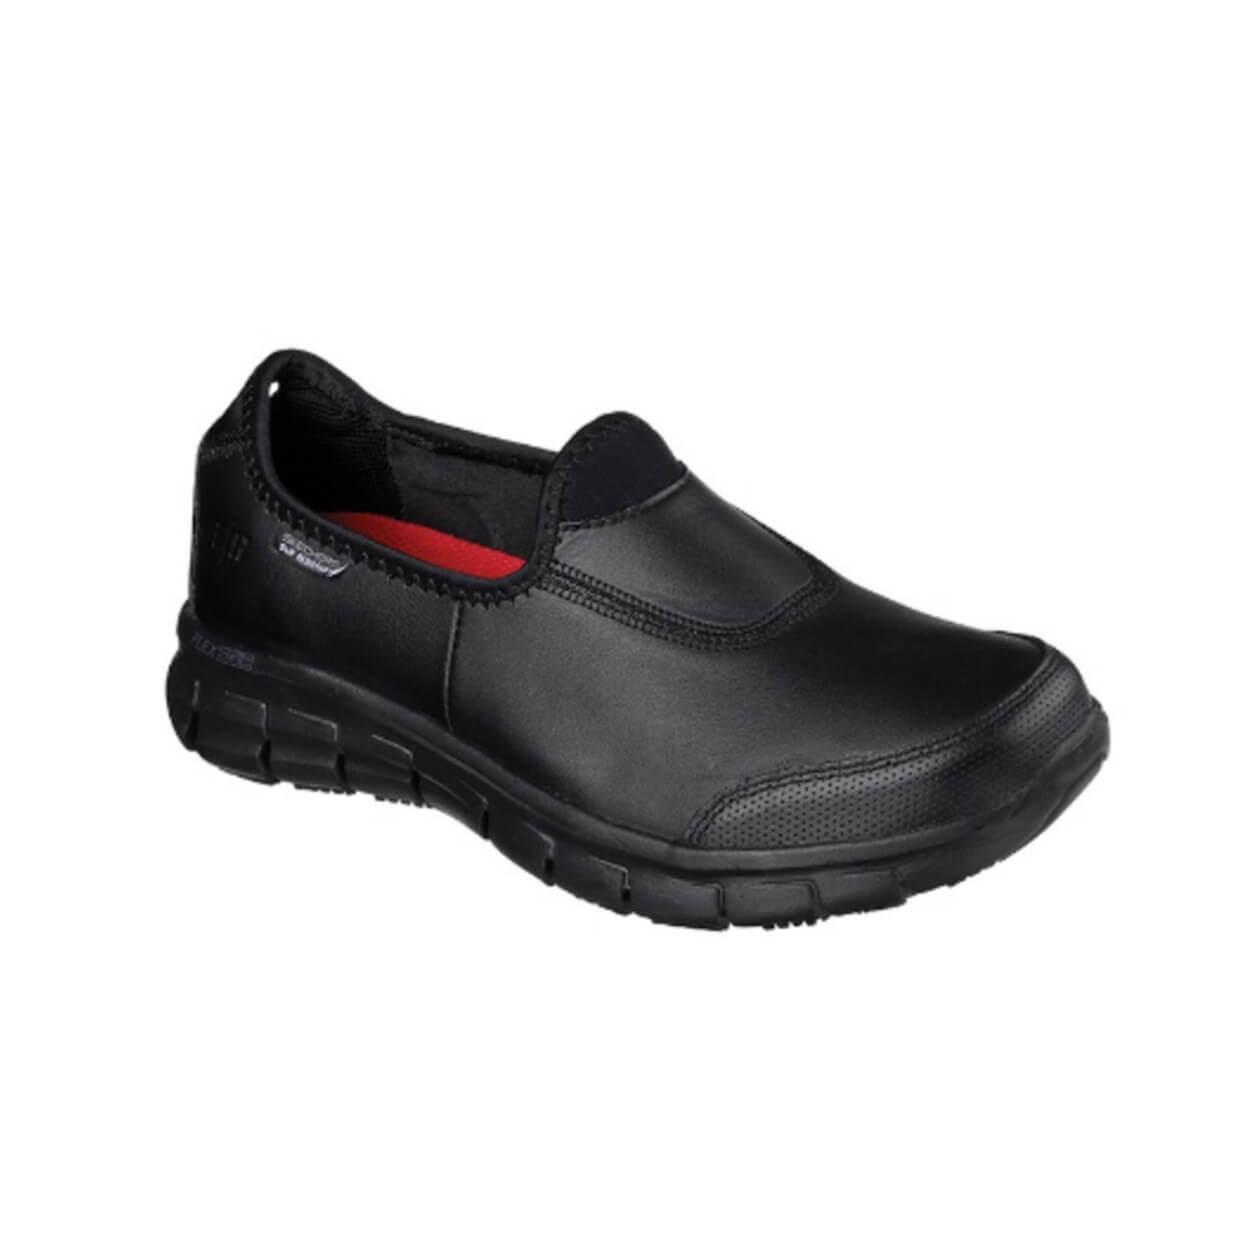 Γυναικεία παπούτσια ολίσθησης Skechers